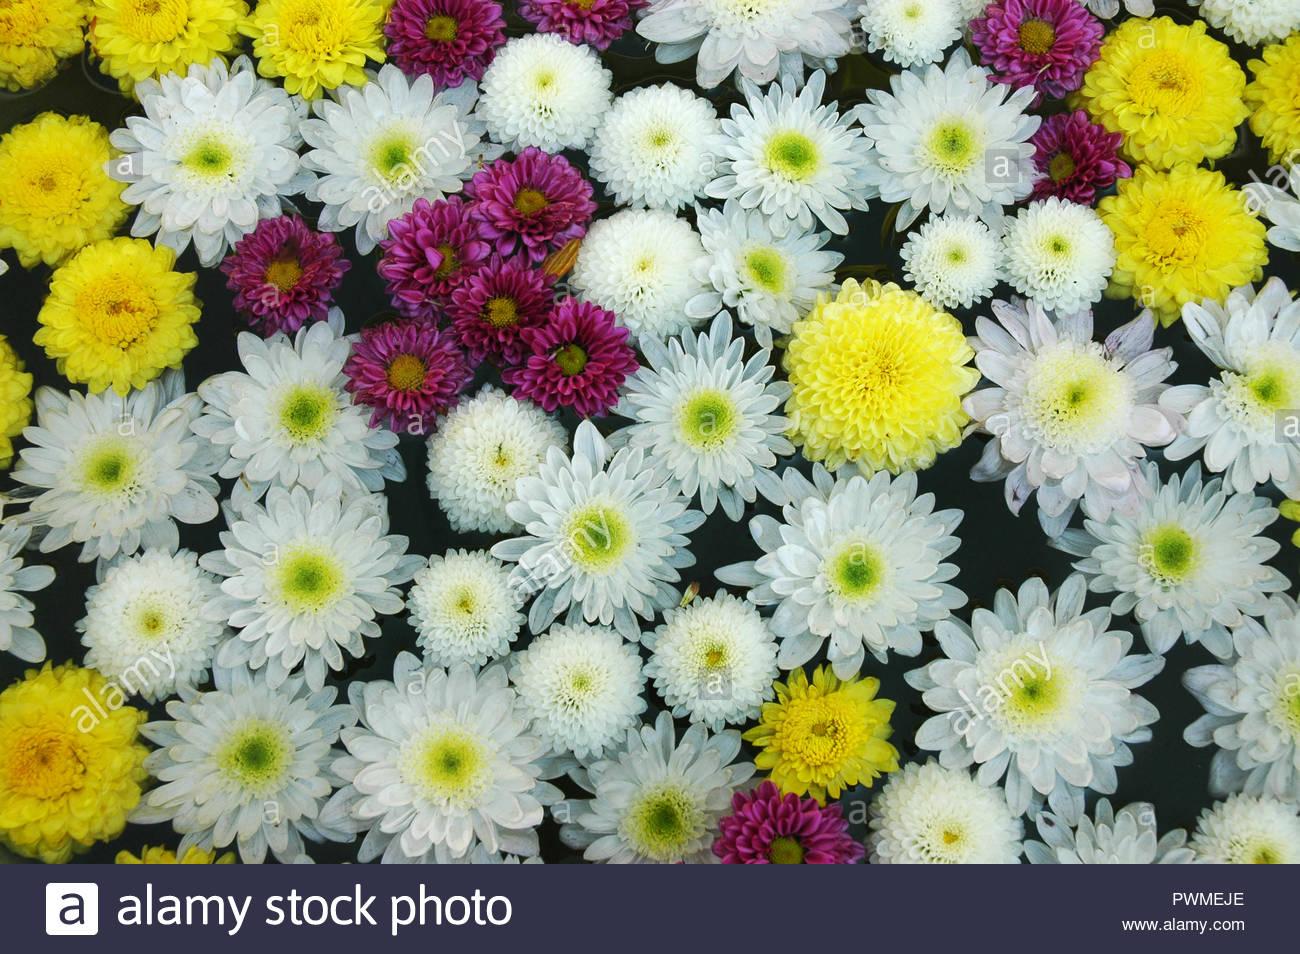 Group of Mums flower background Pink Gerbera Daisy Zinnia flower 1300x954